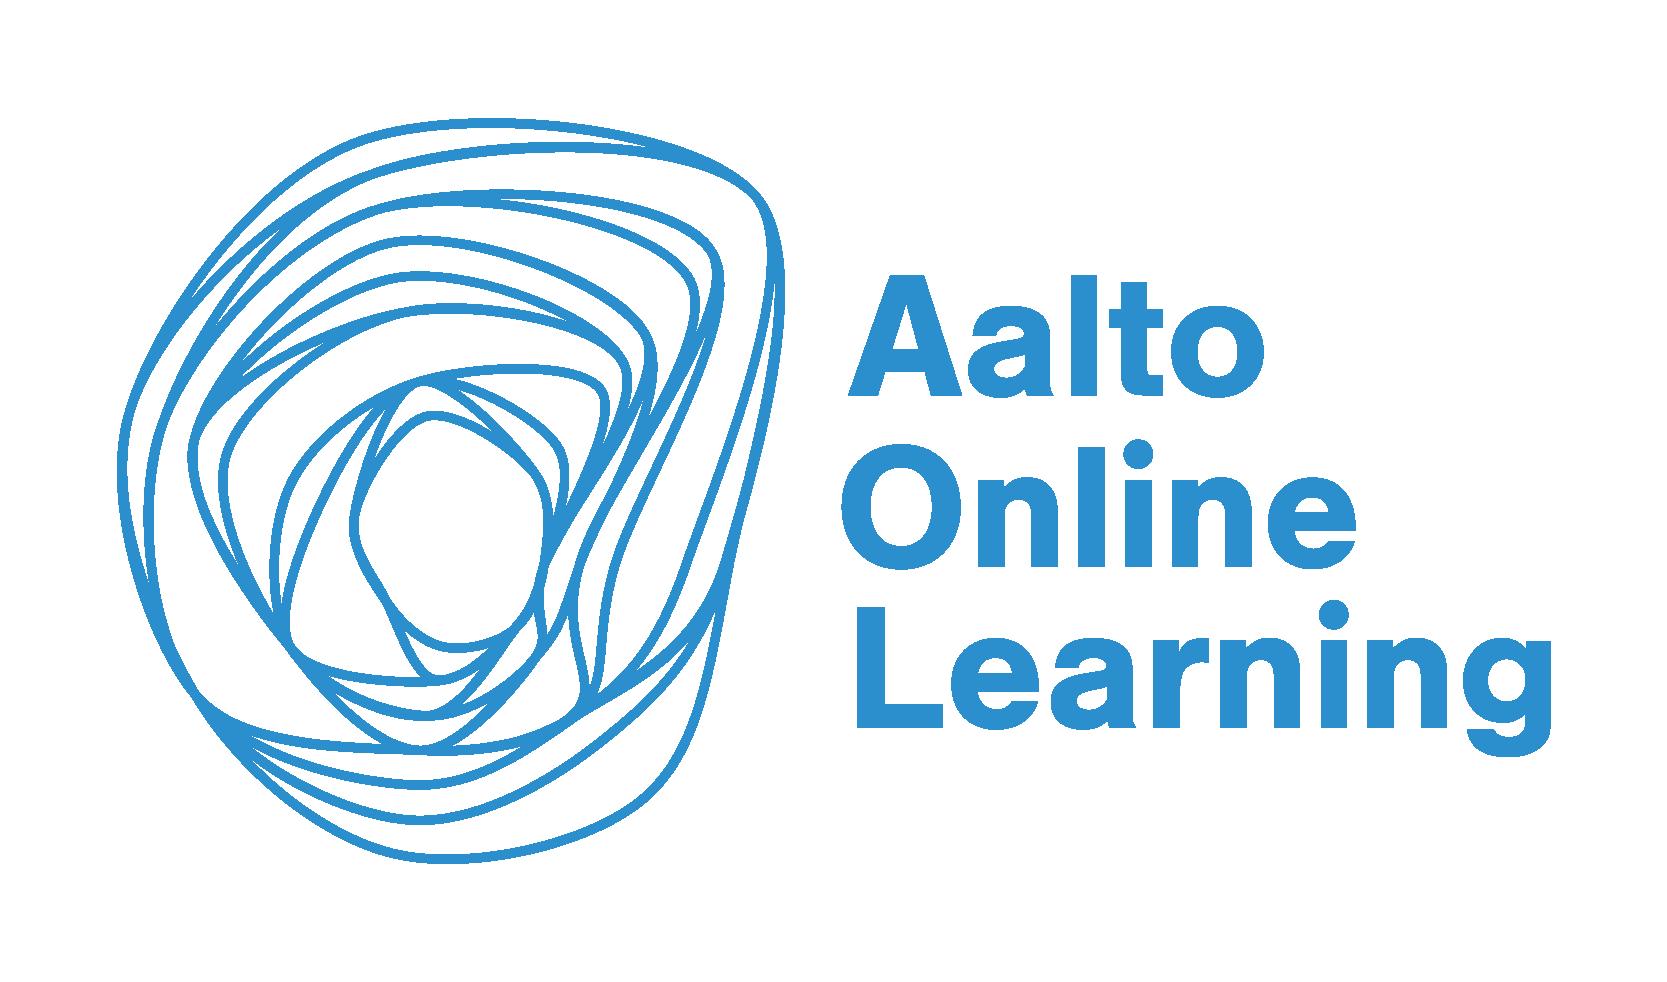 Aalto Online Learning